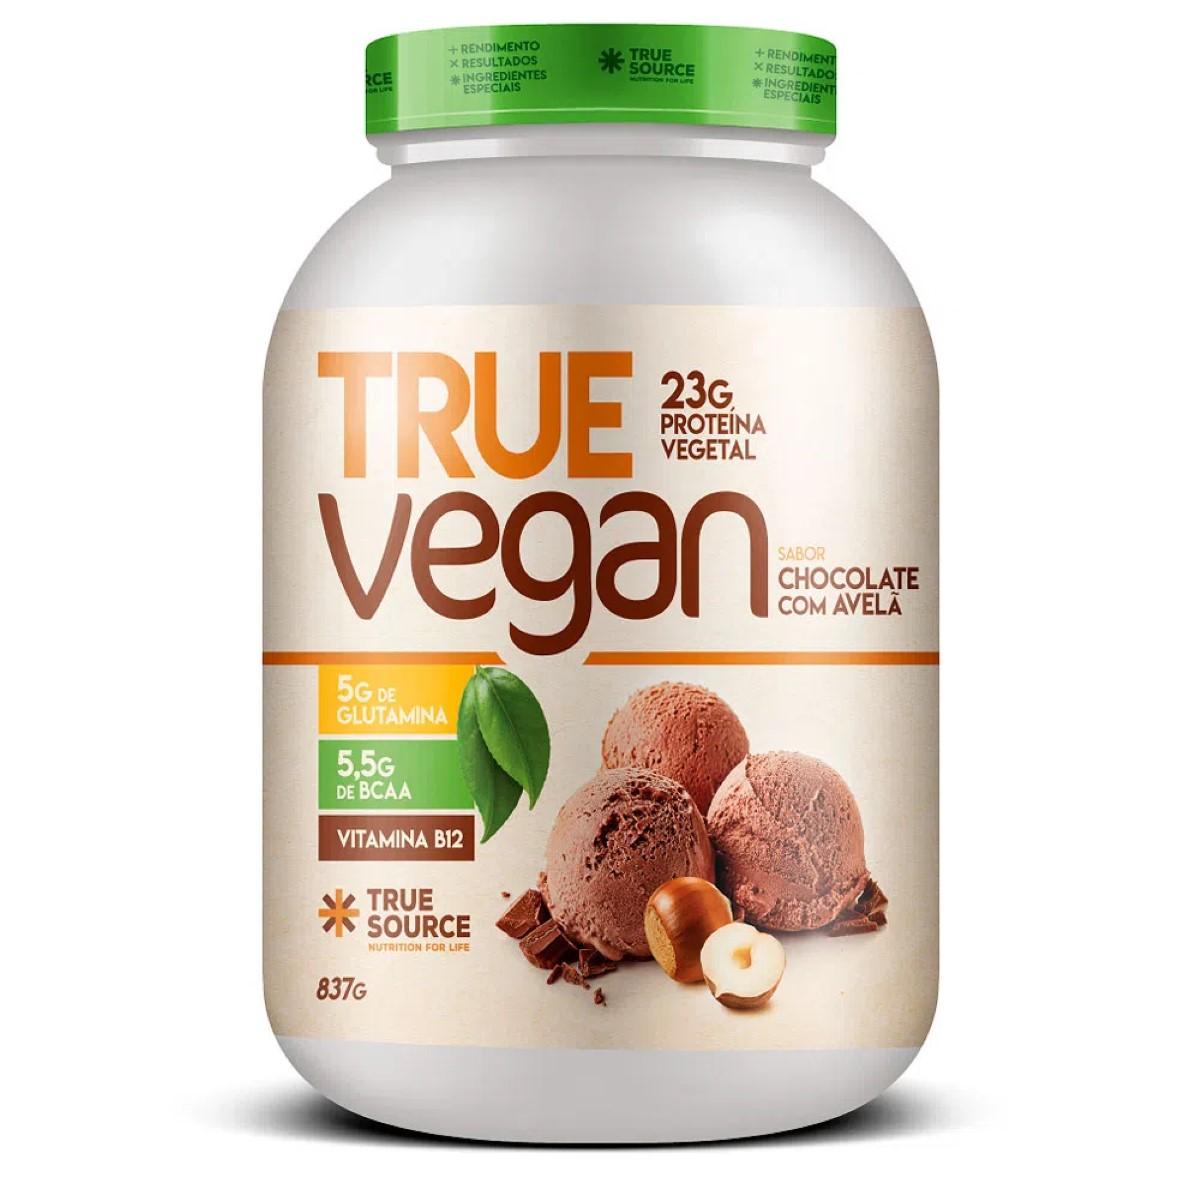 True Vegan True Source - 837g